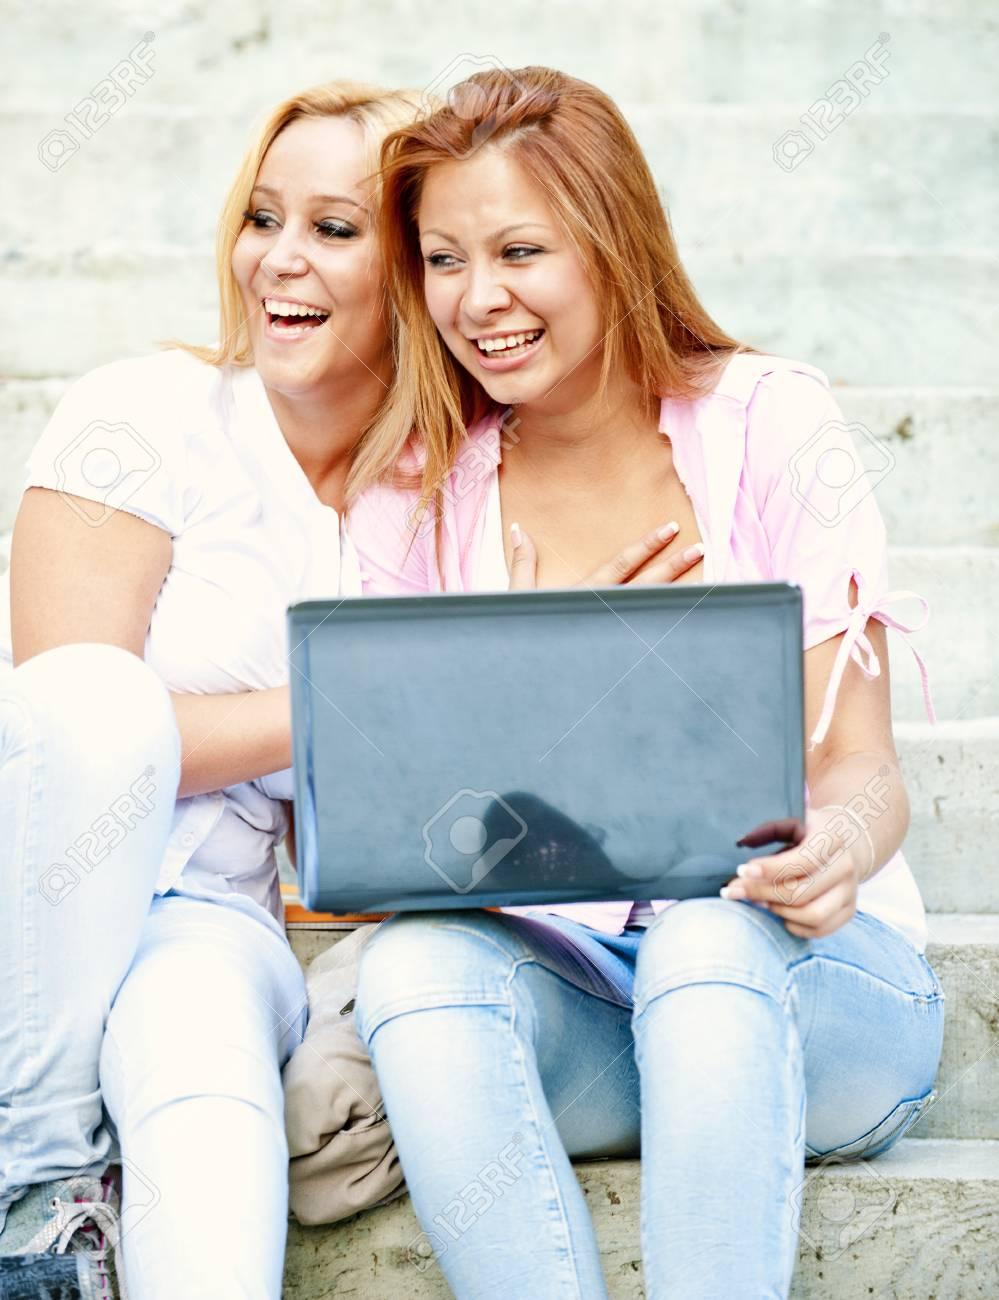 84070c541 Felices jóvenes estudiantes de secundaria o universitarias sentados en los  pasos fuera de la escuela carcajadas y un descanso de la escuela con una ...